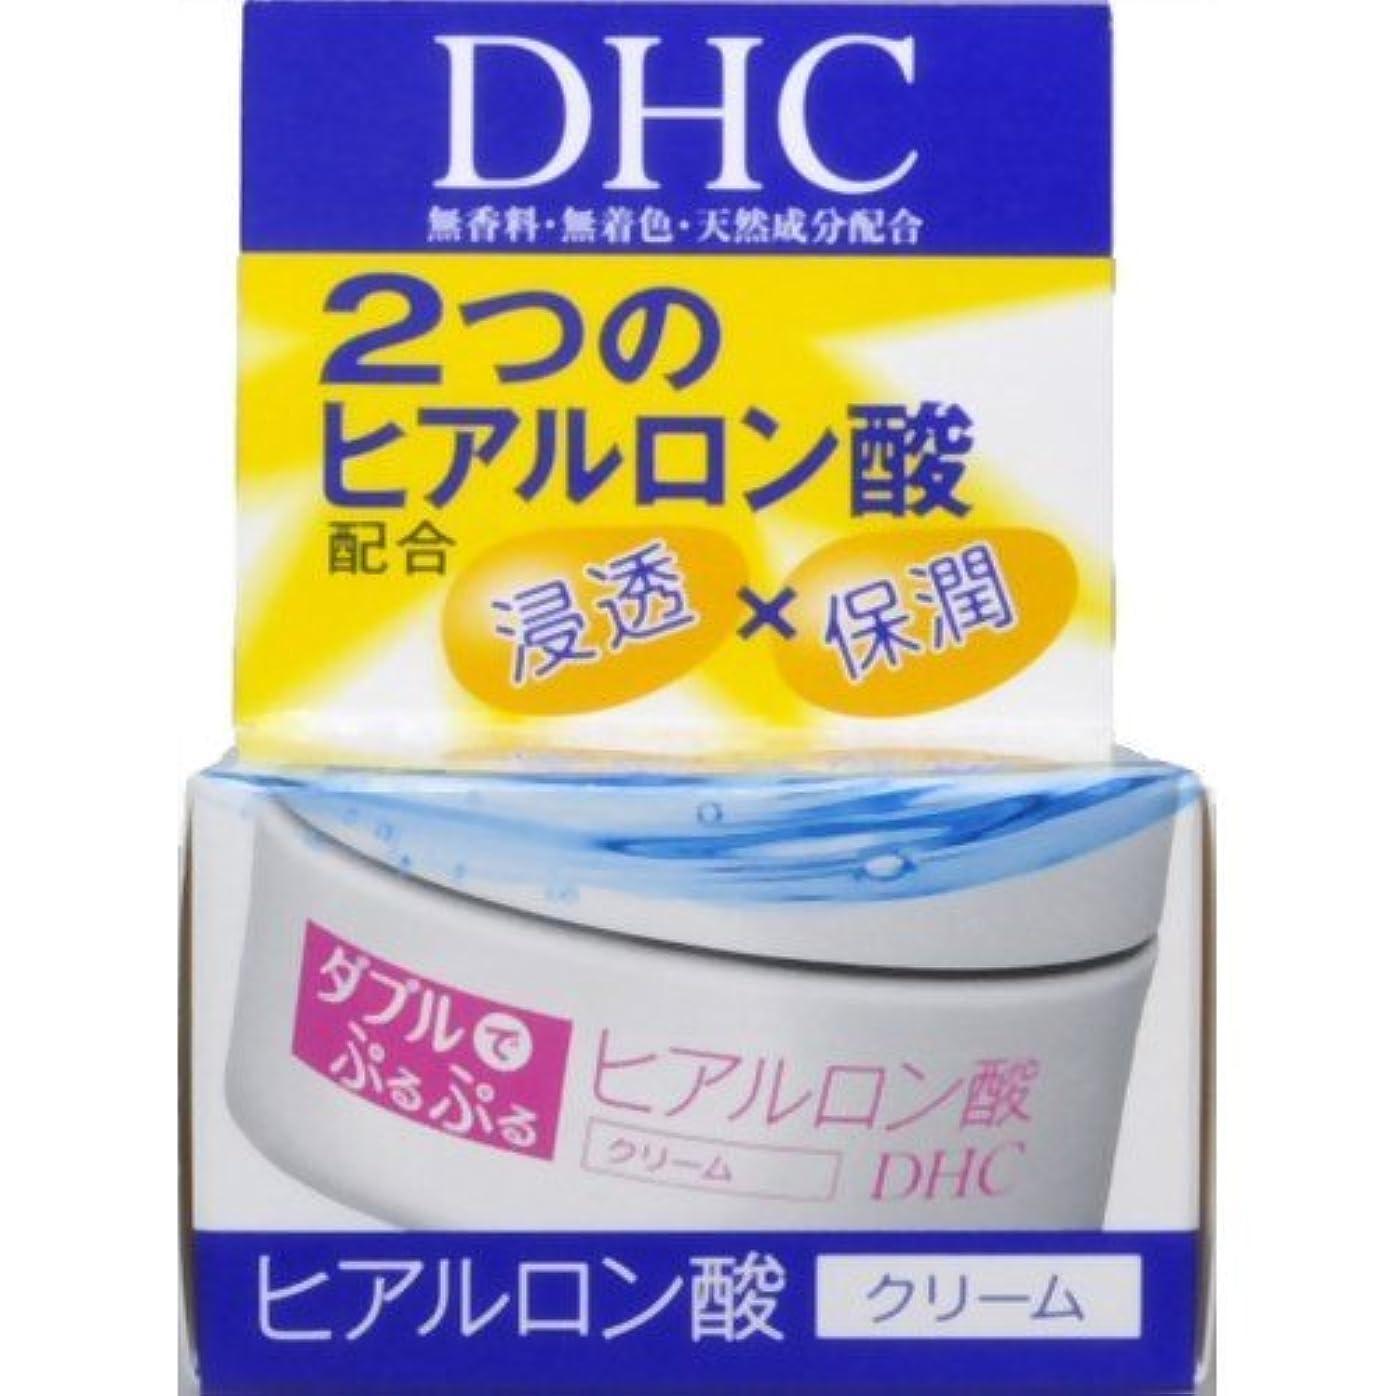 悪名高い炭水化物クックDHC ダブルモイスチュアクリーム 50g